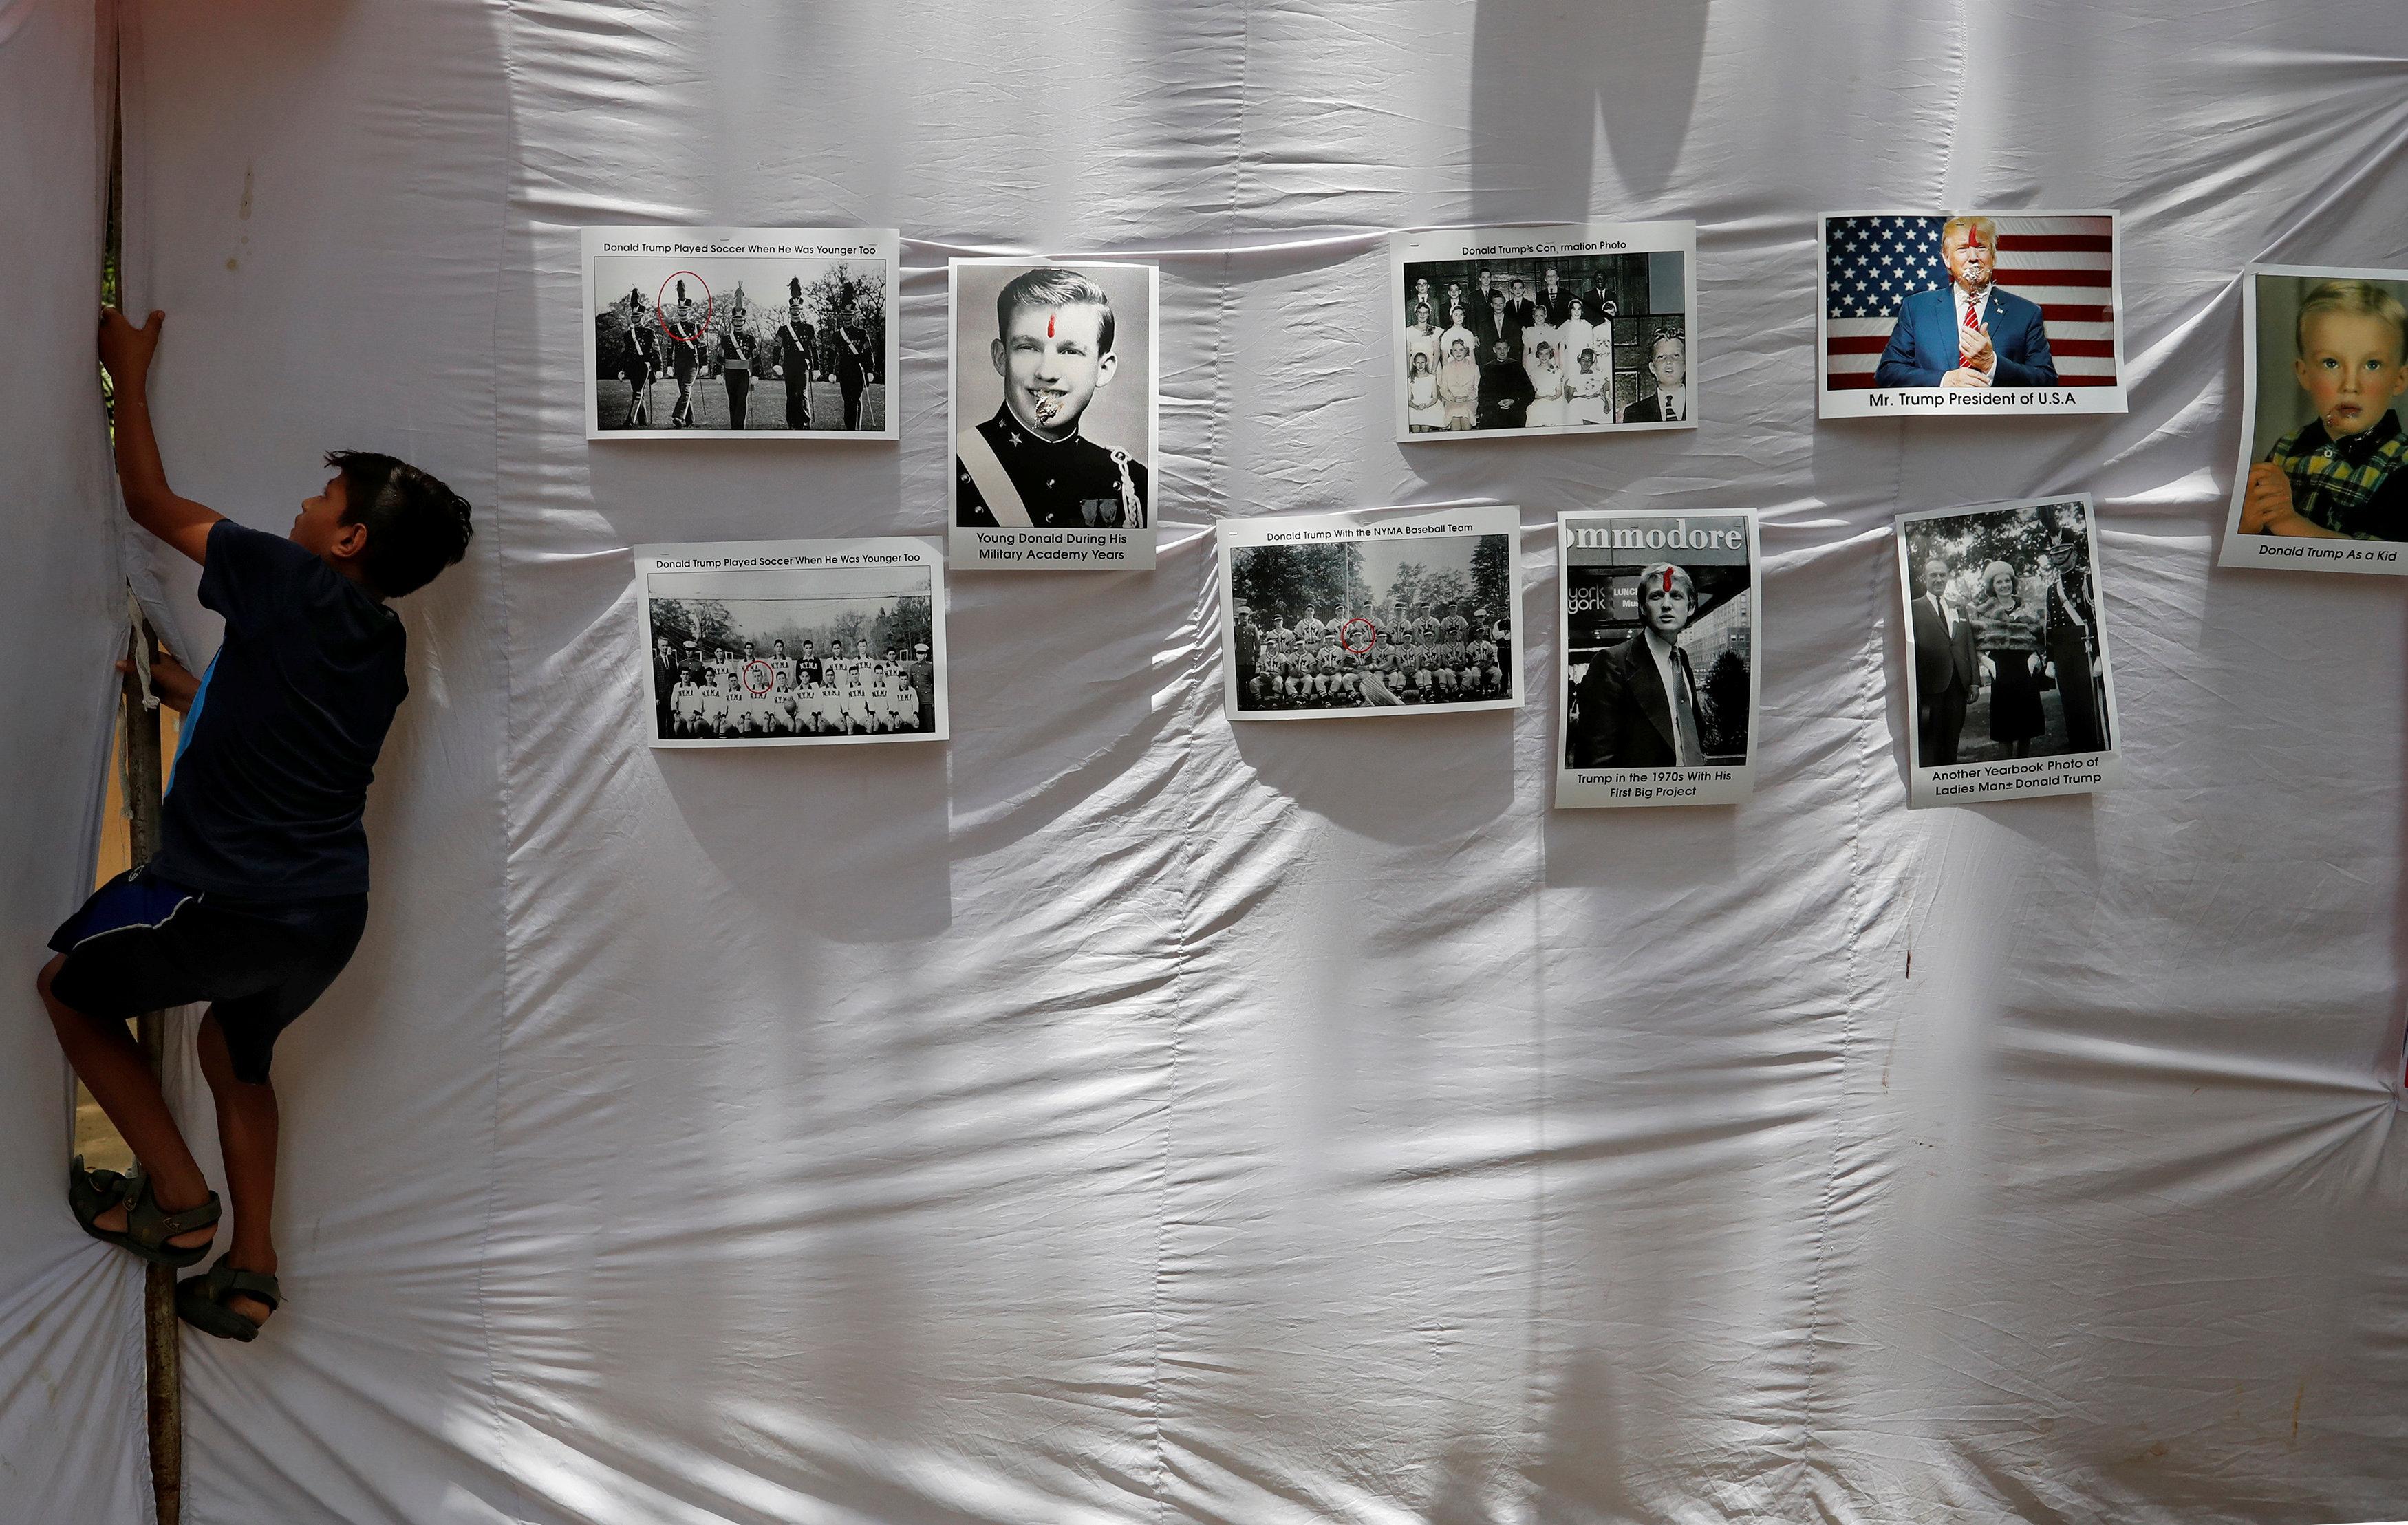 جشن تولد ترامپ در دهلی نو+ تصاویر